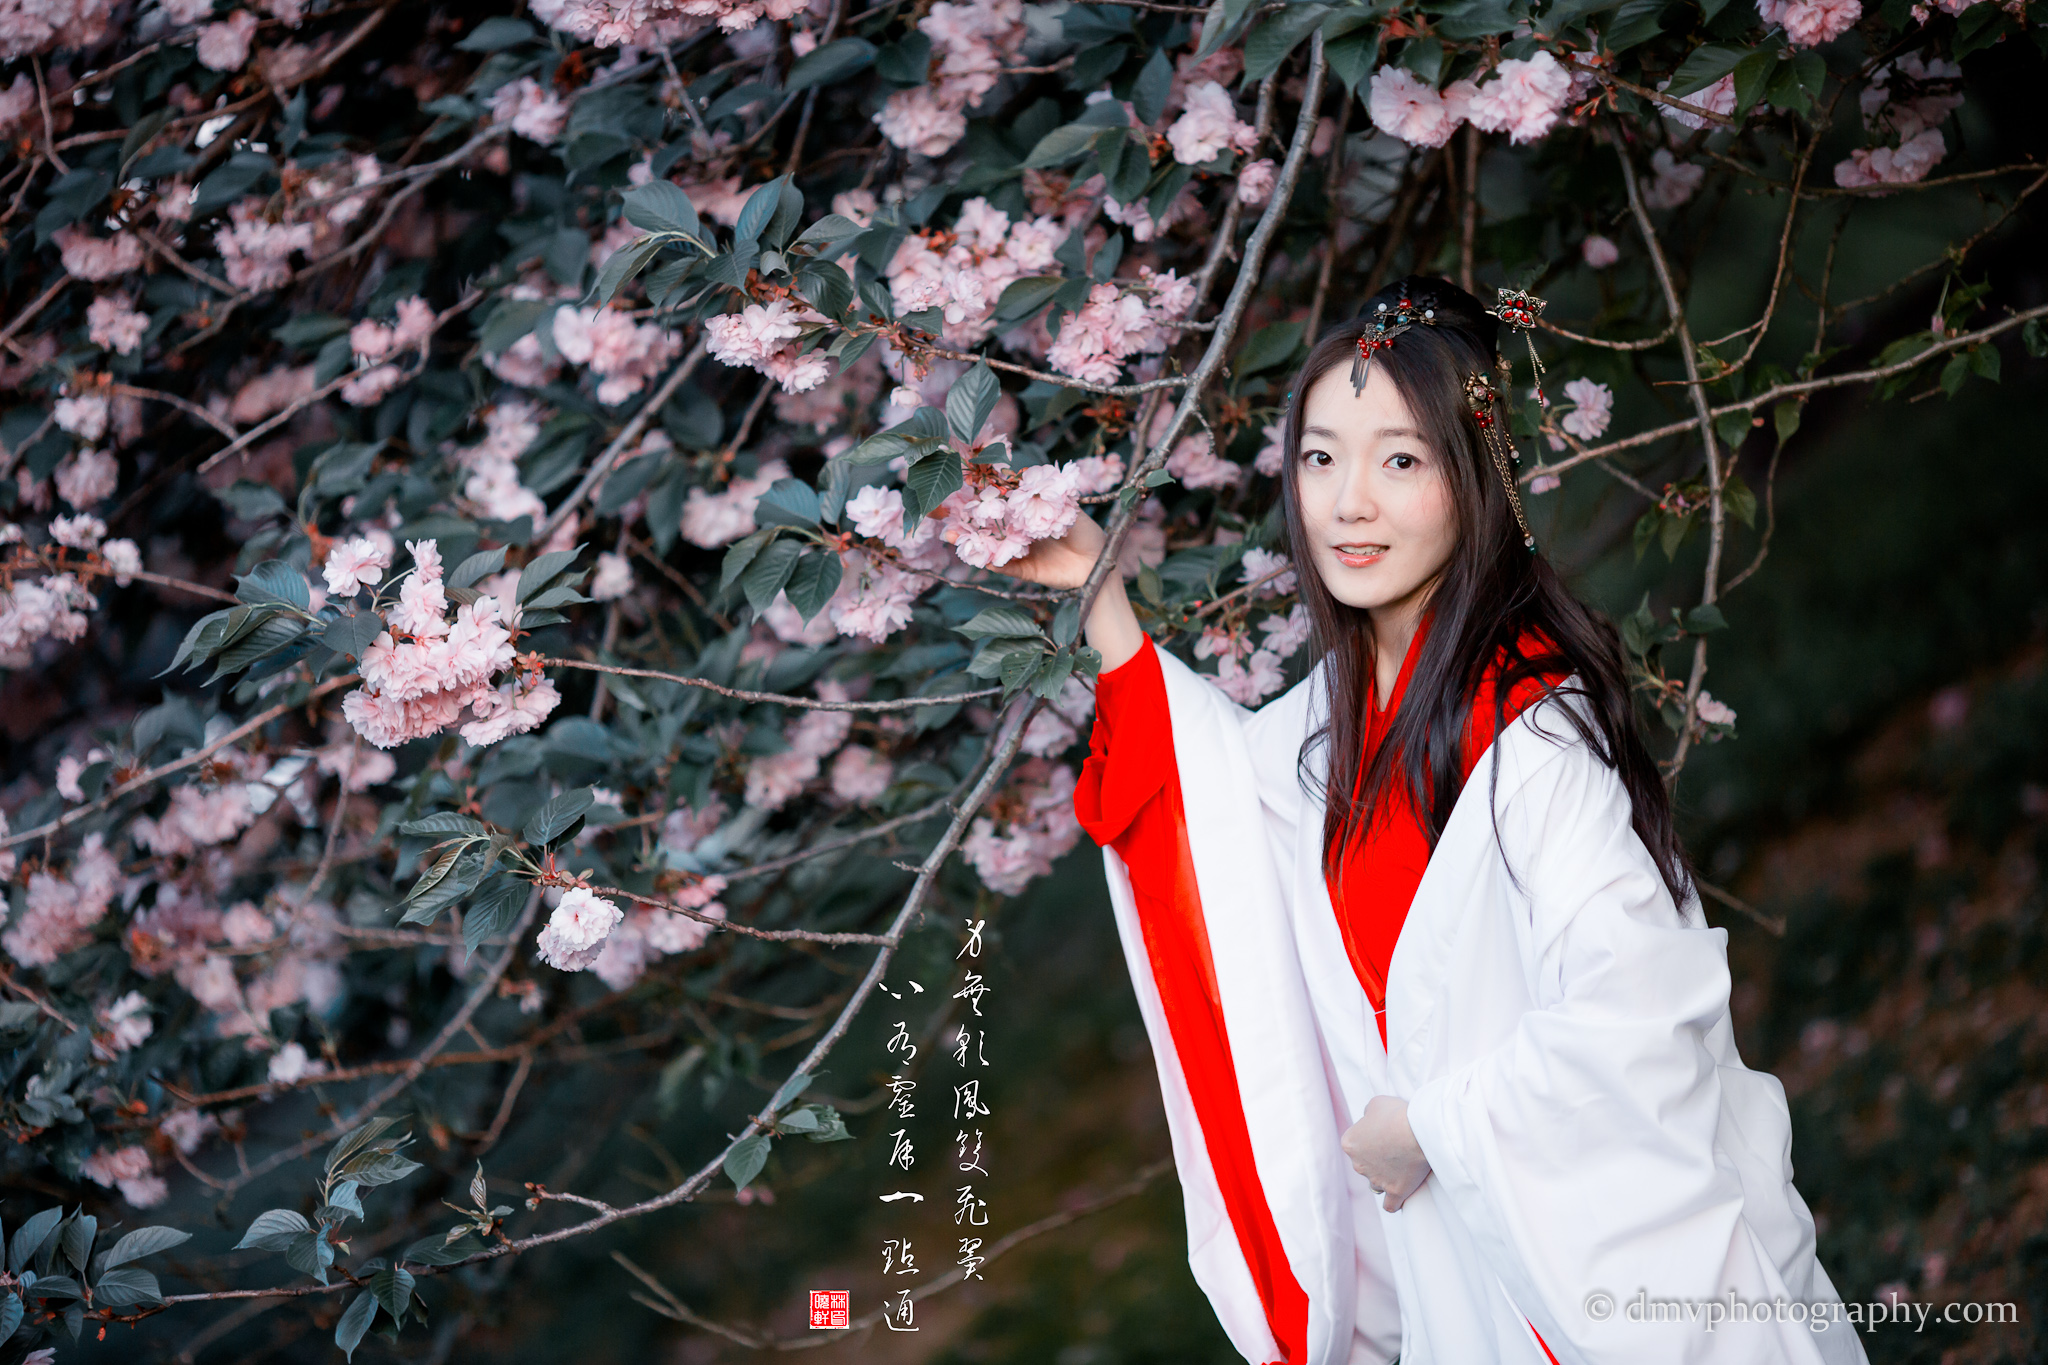 2016-04-20 - Zhu Xing - 00045